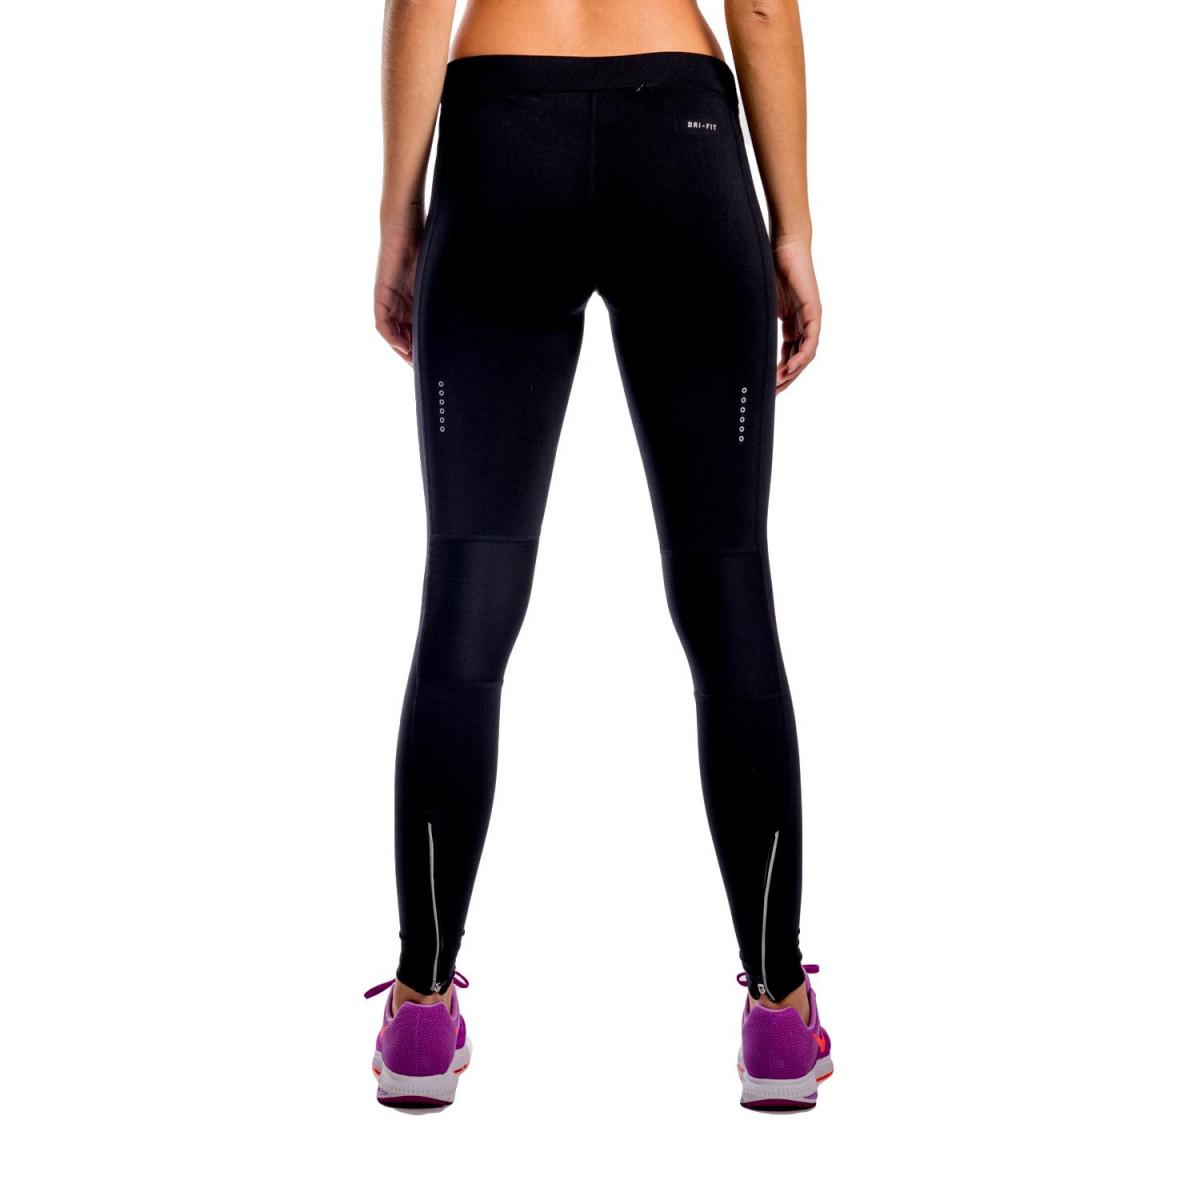 f9da4d91c Calza Nike Essential Tight